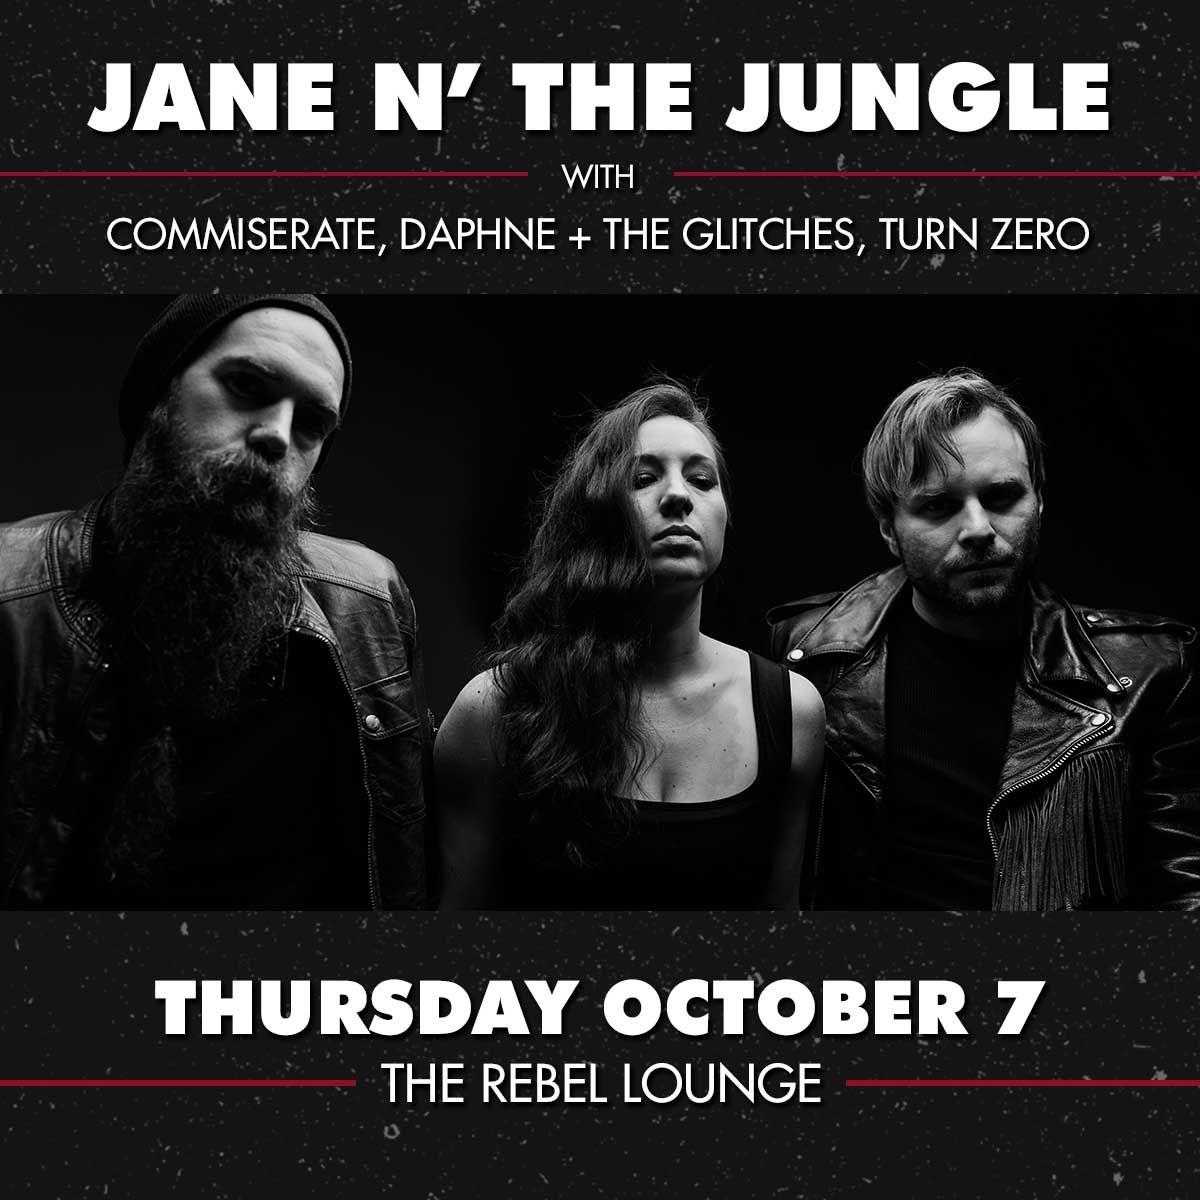 JANE N' THE JUNGLE: